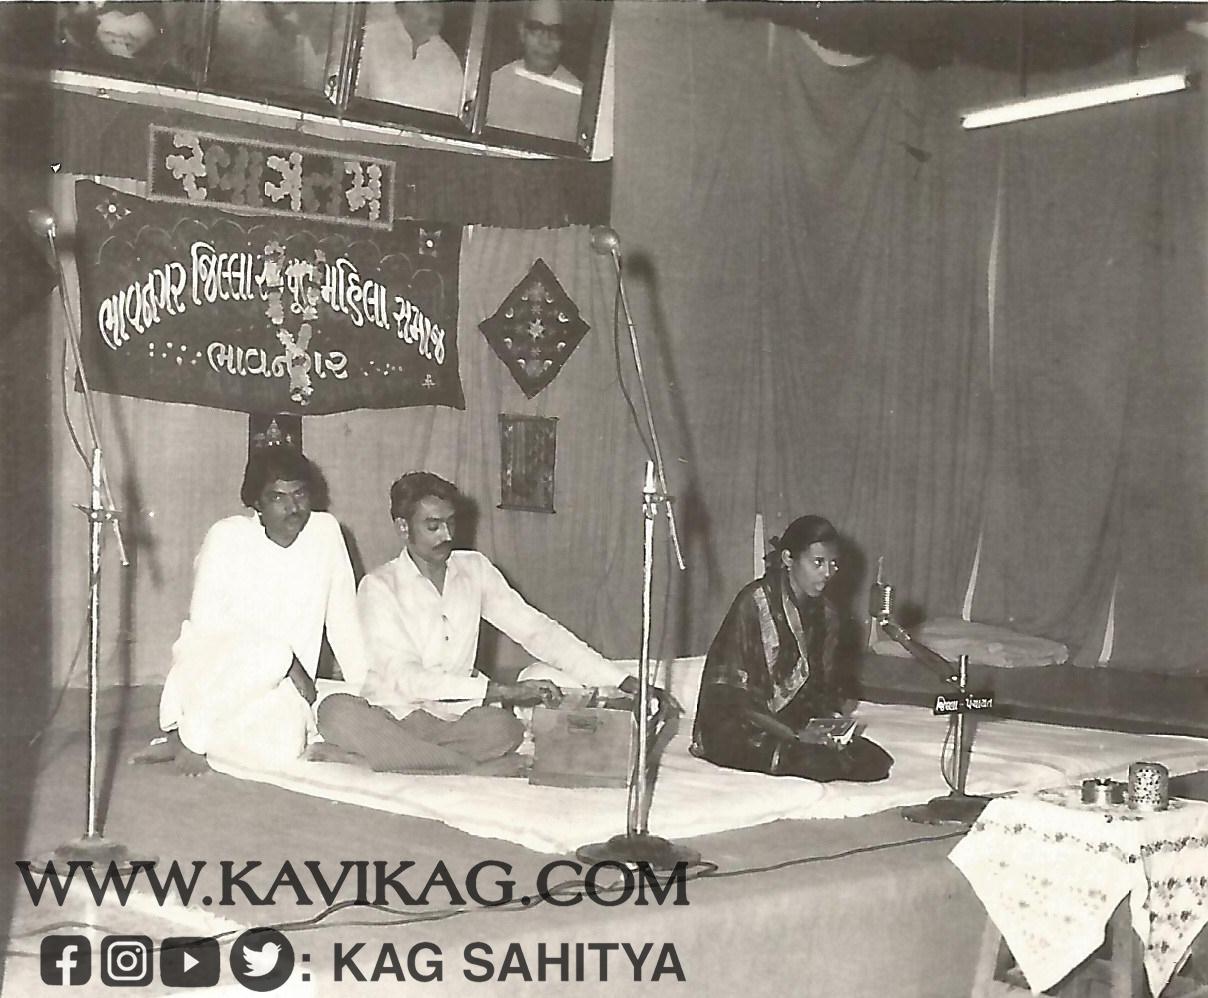 ભાવનગર જીલ્લા રાજપૂત મહિલા સમાજ આયોજિત ડાયરામાં બિરાજમાન શ્રી રામભાઈ કાગ